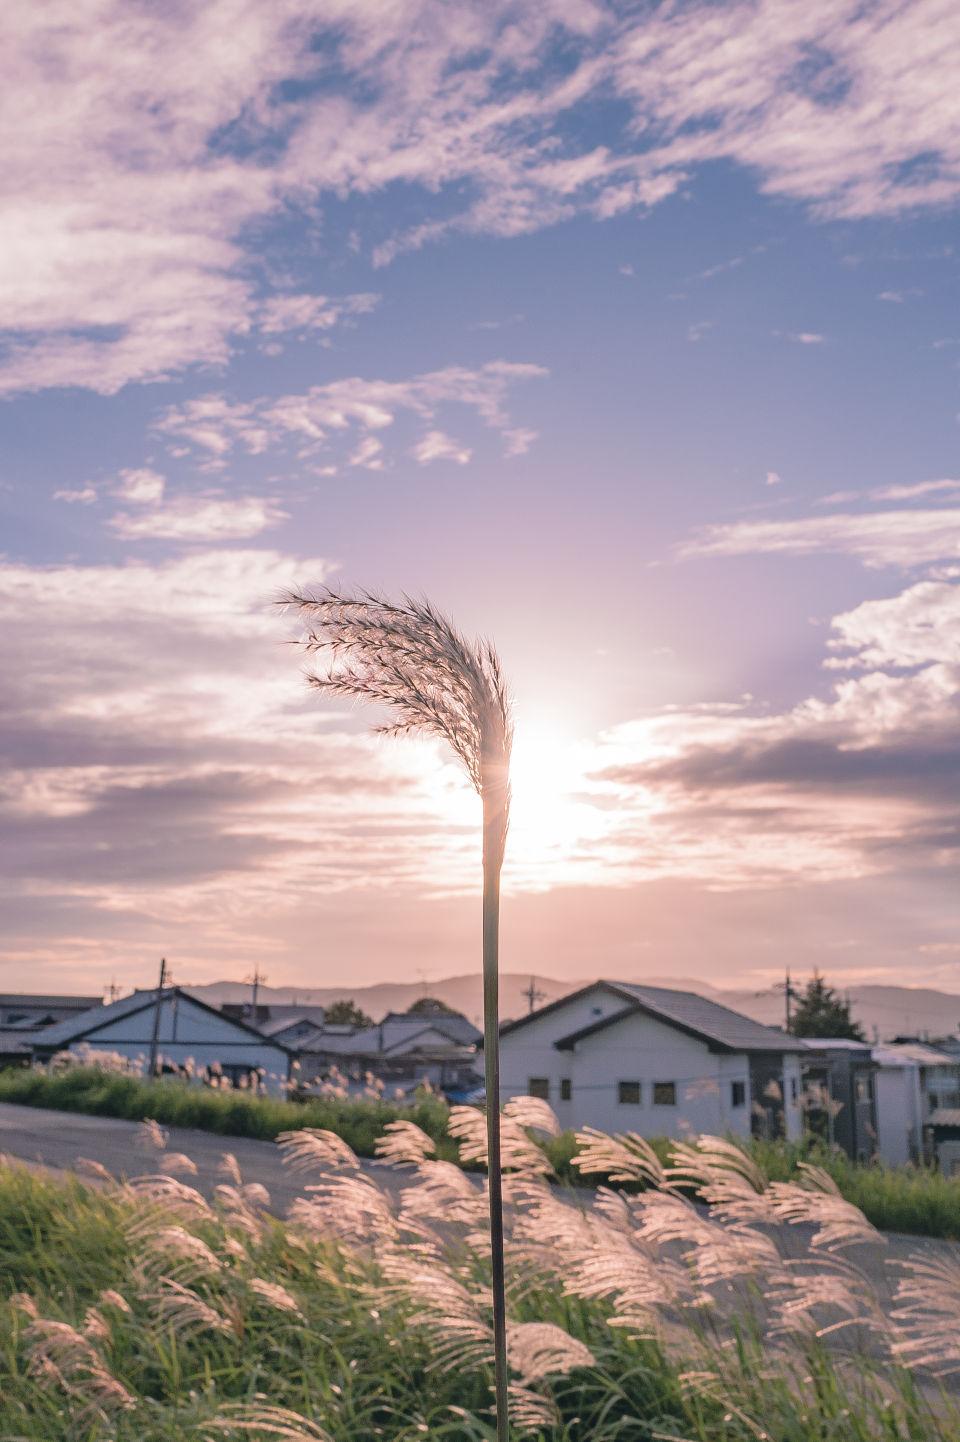 日本の四季を届けるフォトレター – 秋の「季語」に想いを馳せて by Akine Coco